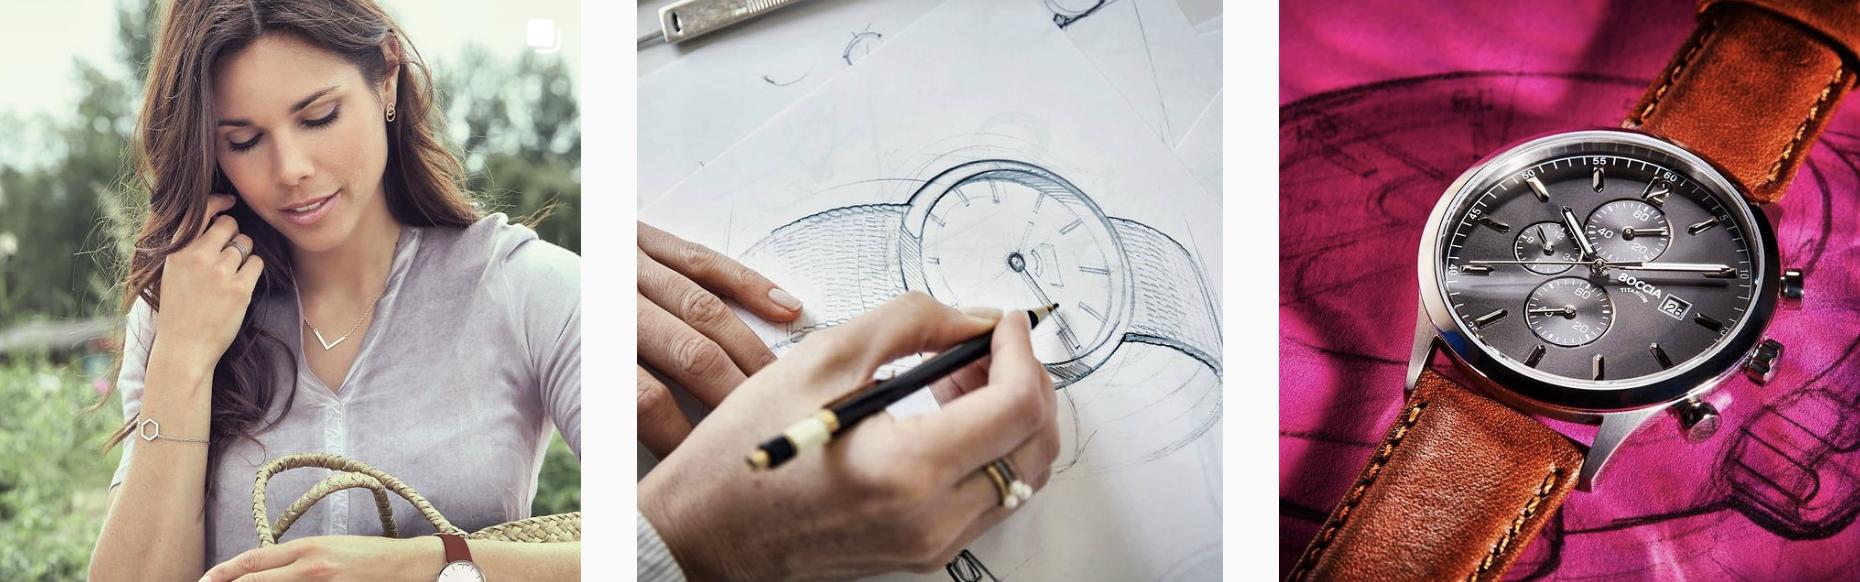 Juwelier Zilver.nl voor dameshorloges en herenhorloges